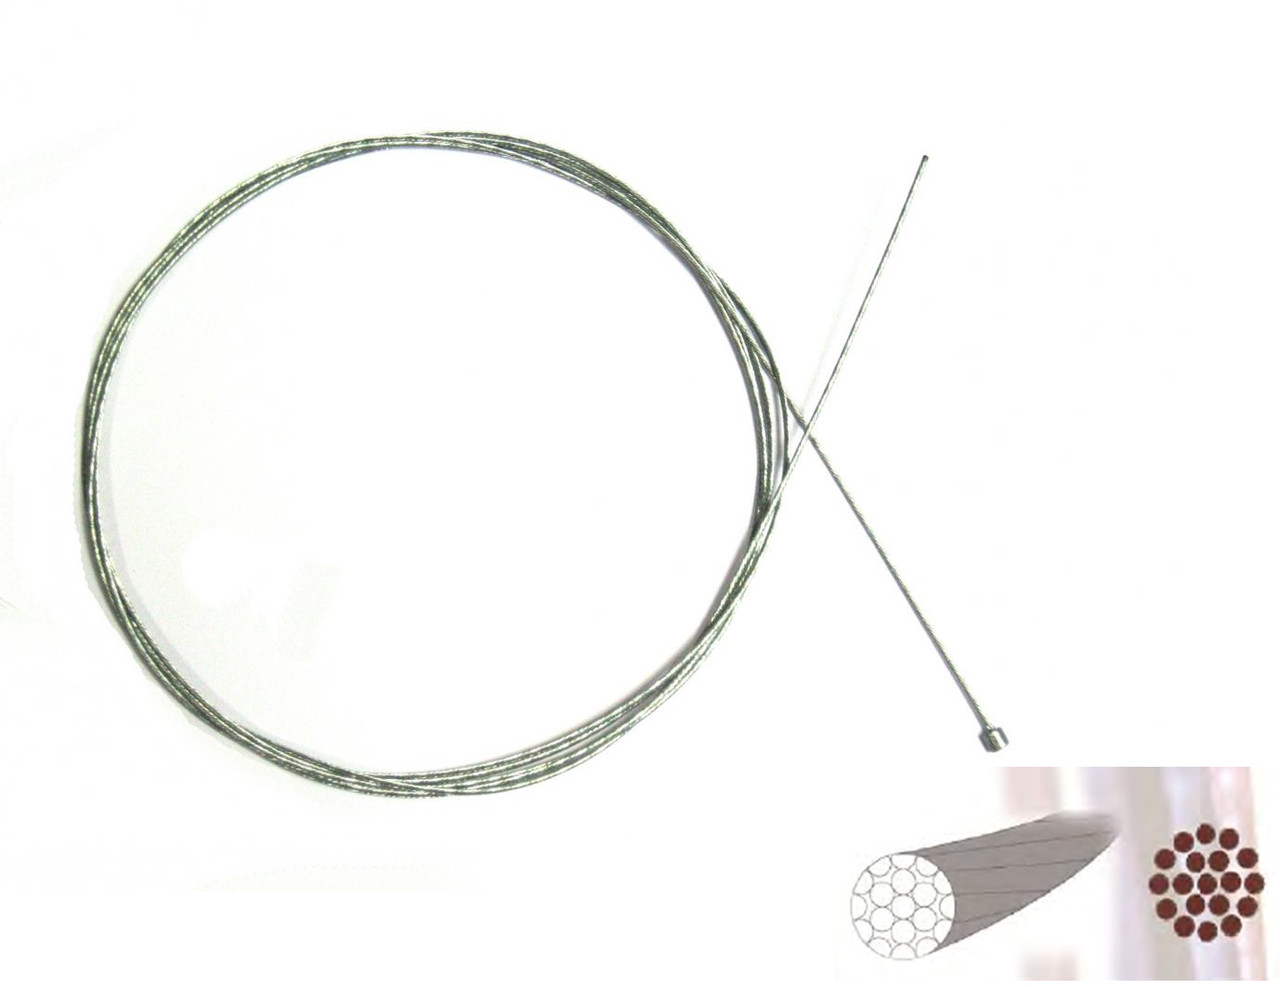 Нержавеющий полированный тросик переключения 2100 mm Sheng-An,  1шт.